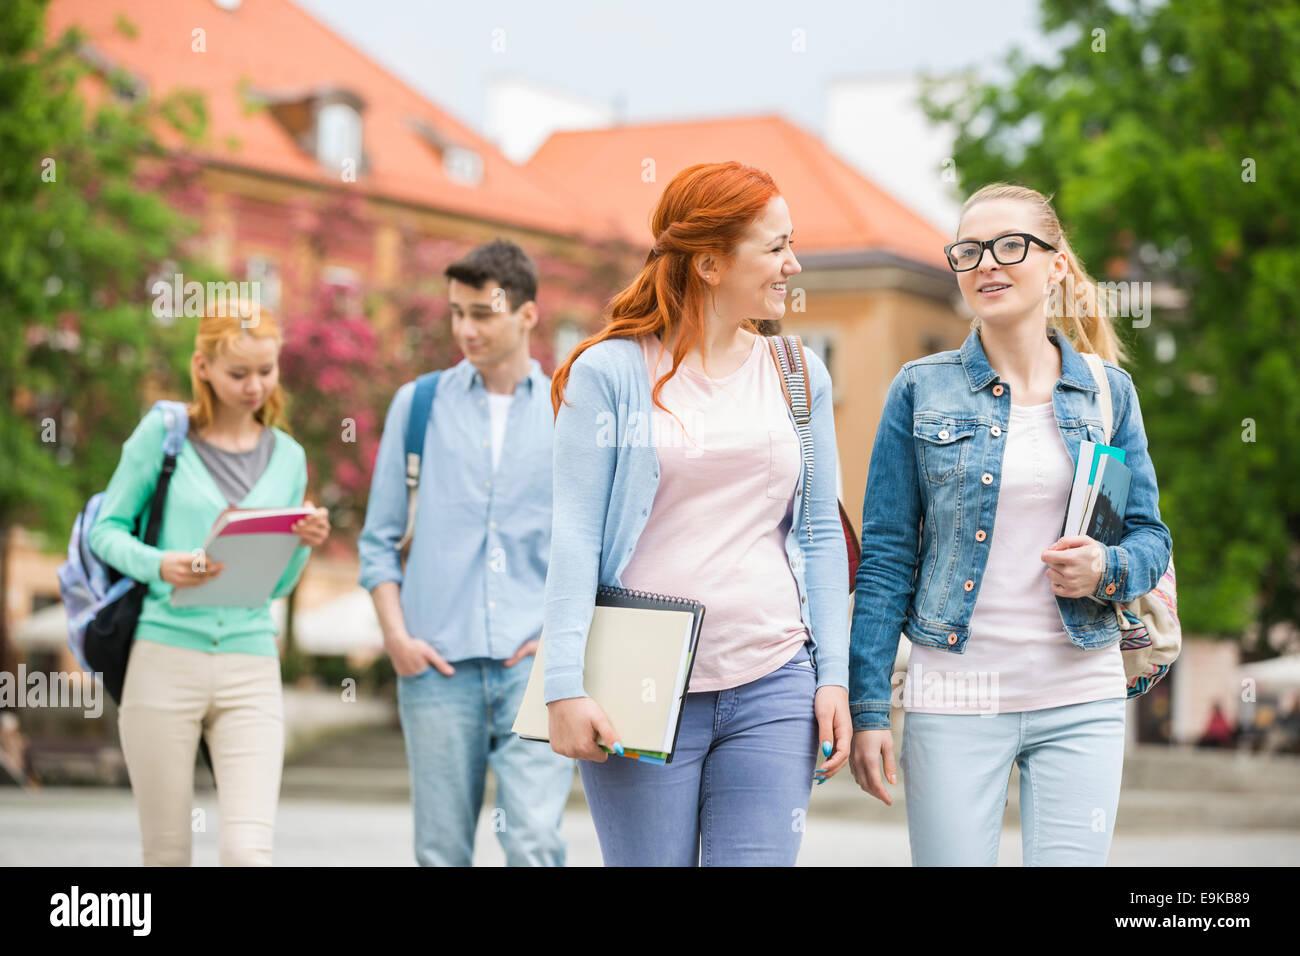 Junge Universität Freunde gehen auf der Straße Stockbild